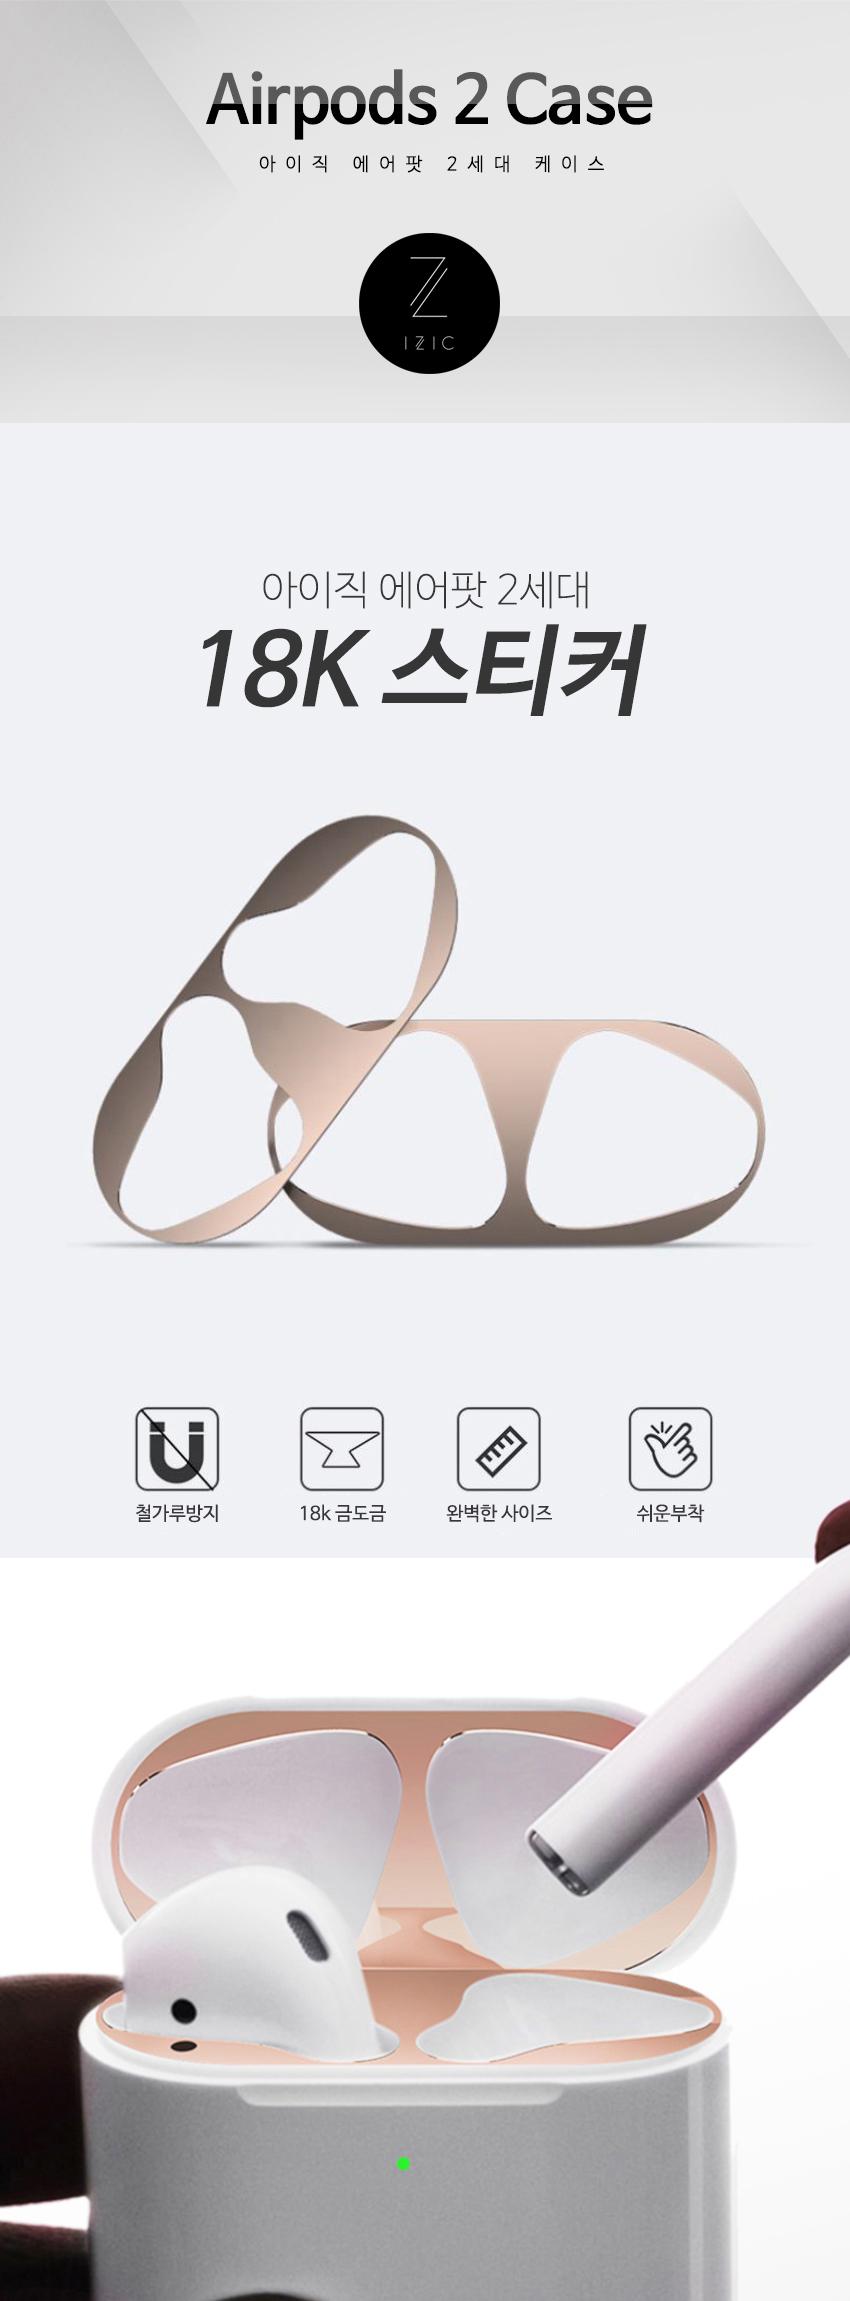 아이직 에어팟 2세대 18K 철가루 방지 스티커 - 아이직, 4,000원, 케이스, 에어팟